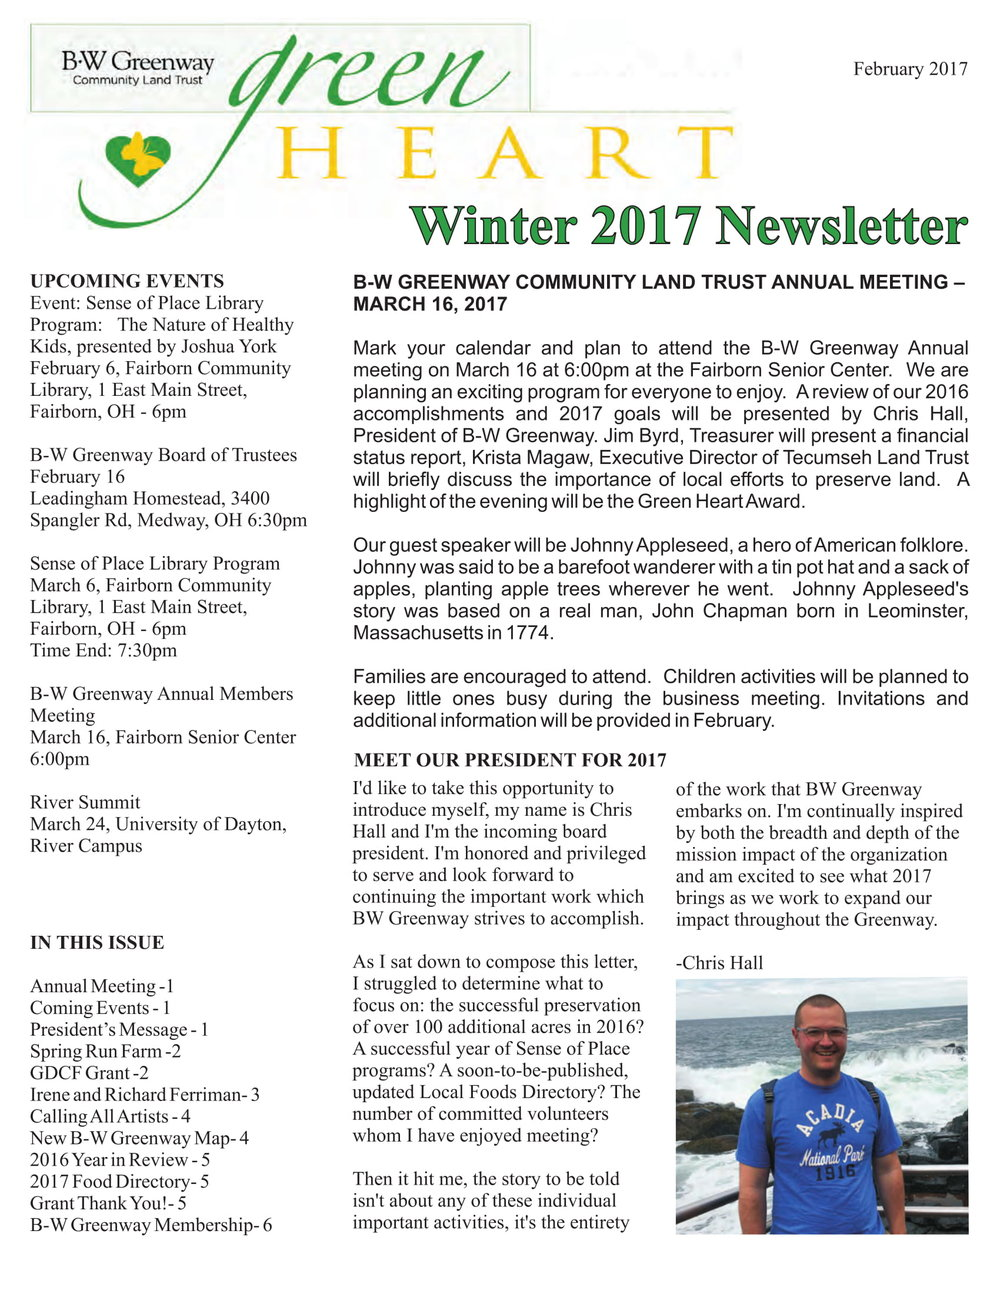 Winter 2017-Short[12670]-1.jpg